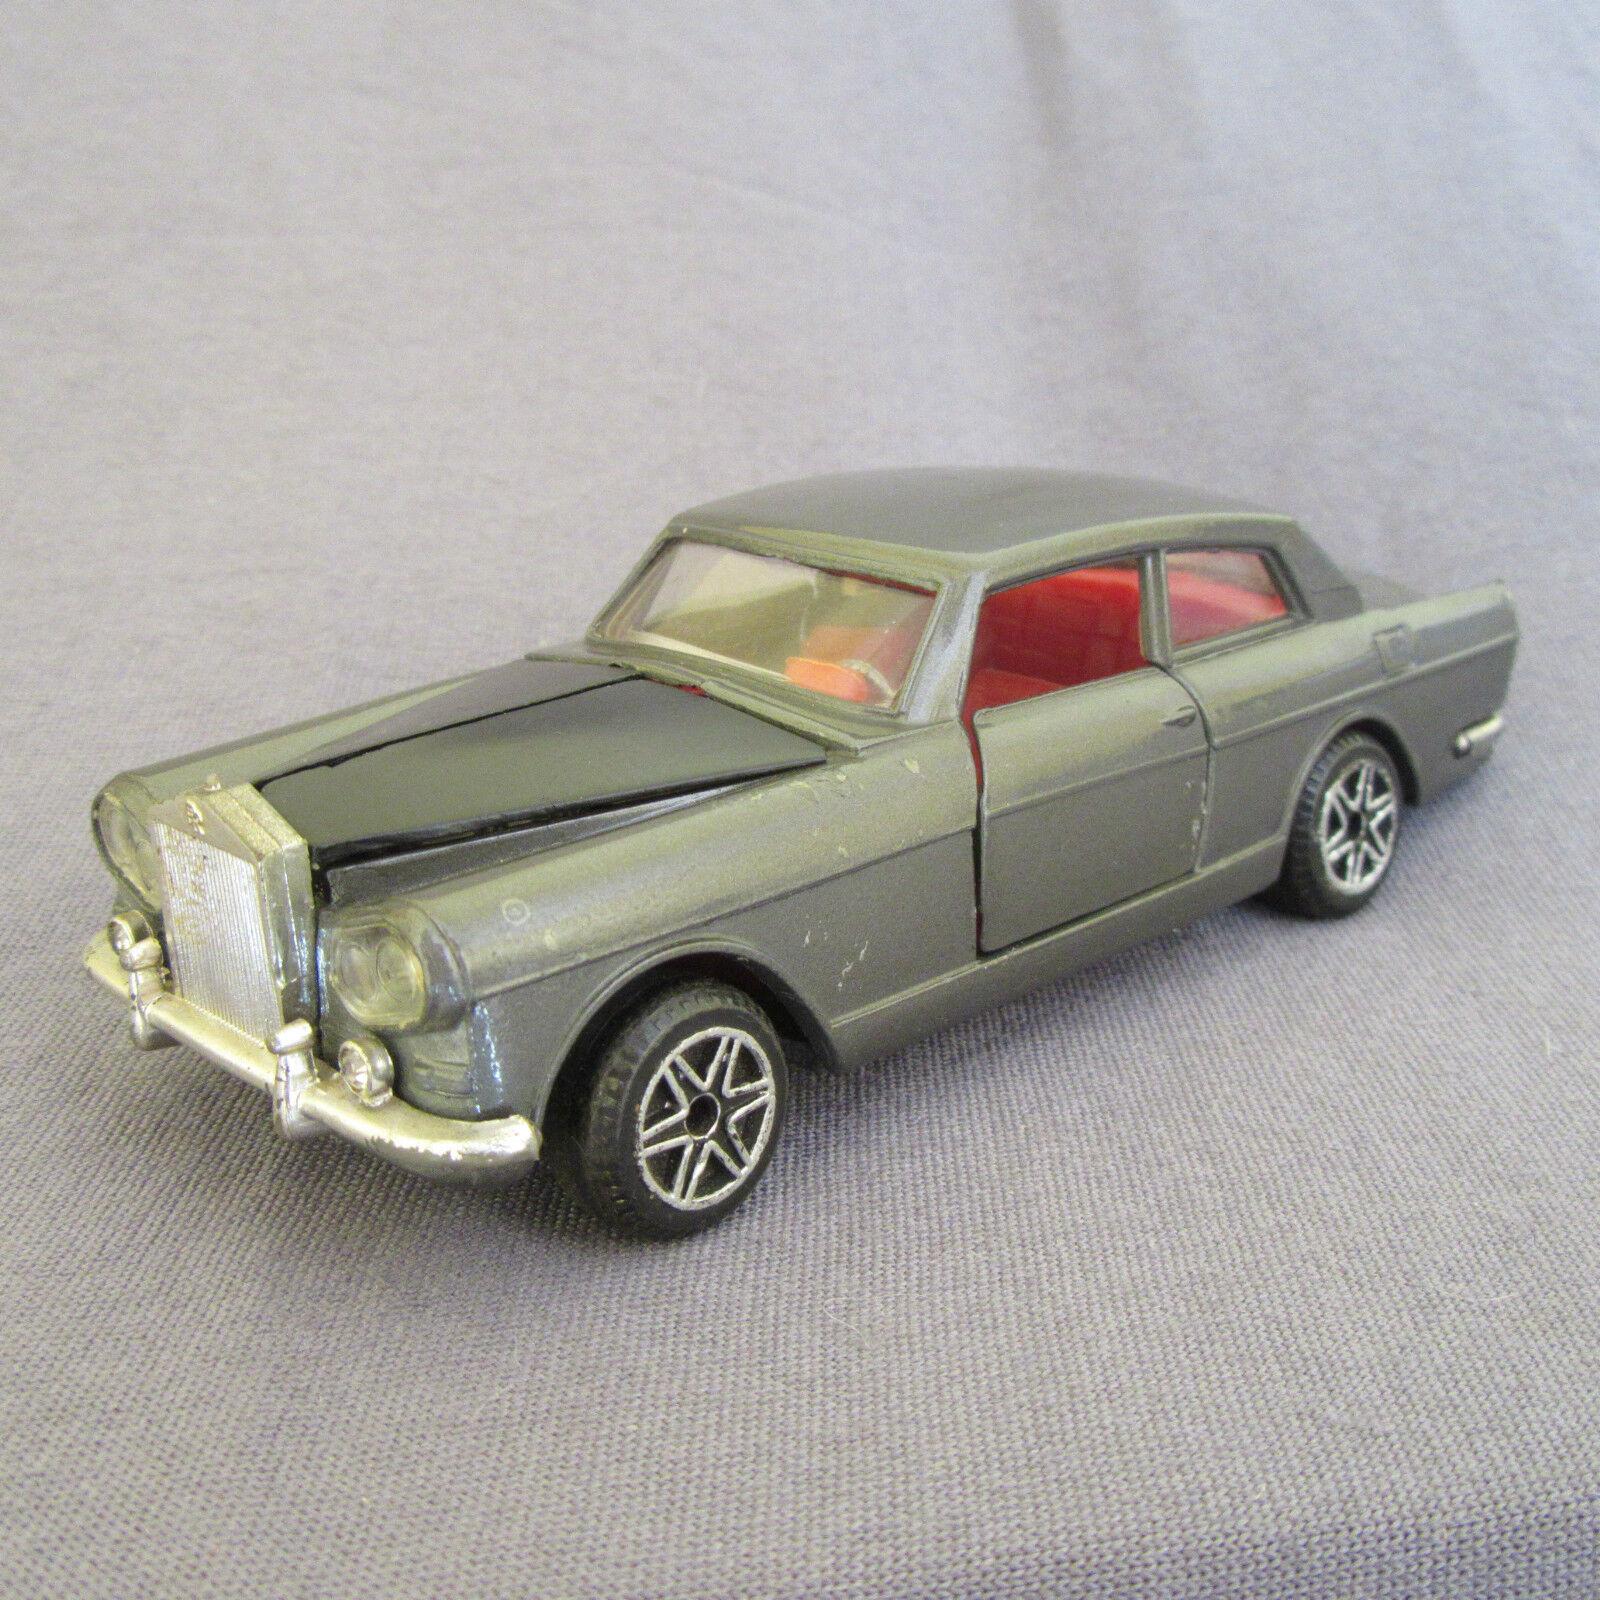 635d vintage politoys m 518 rolls royce coupe 1 43